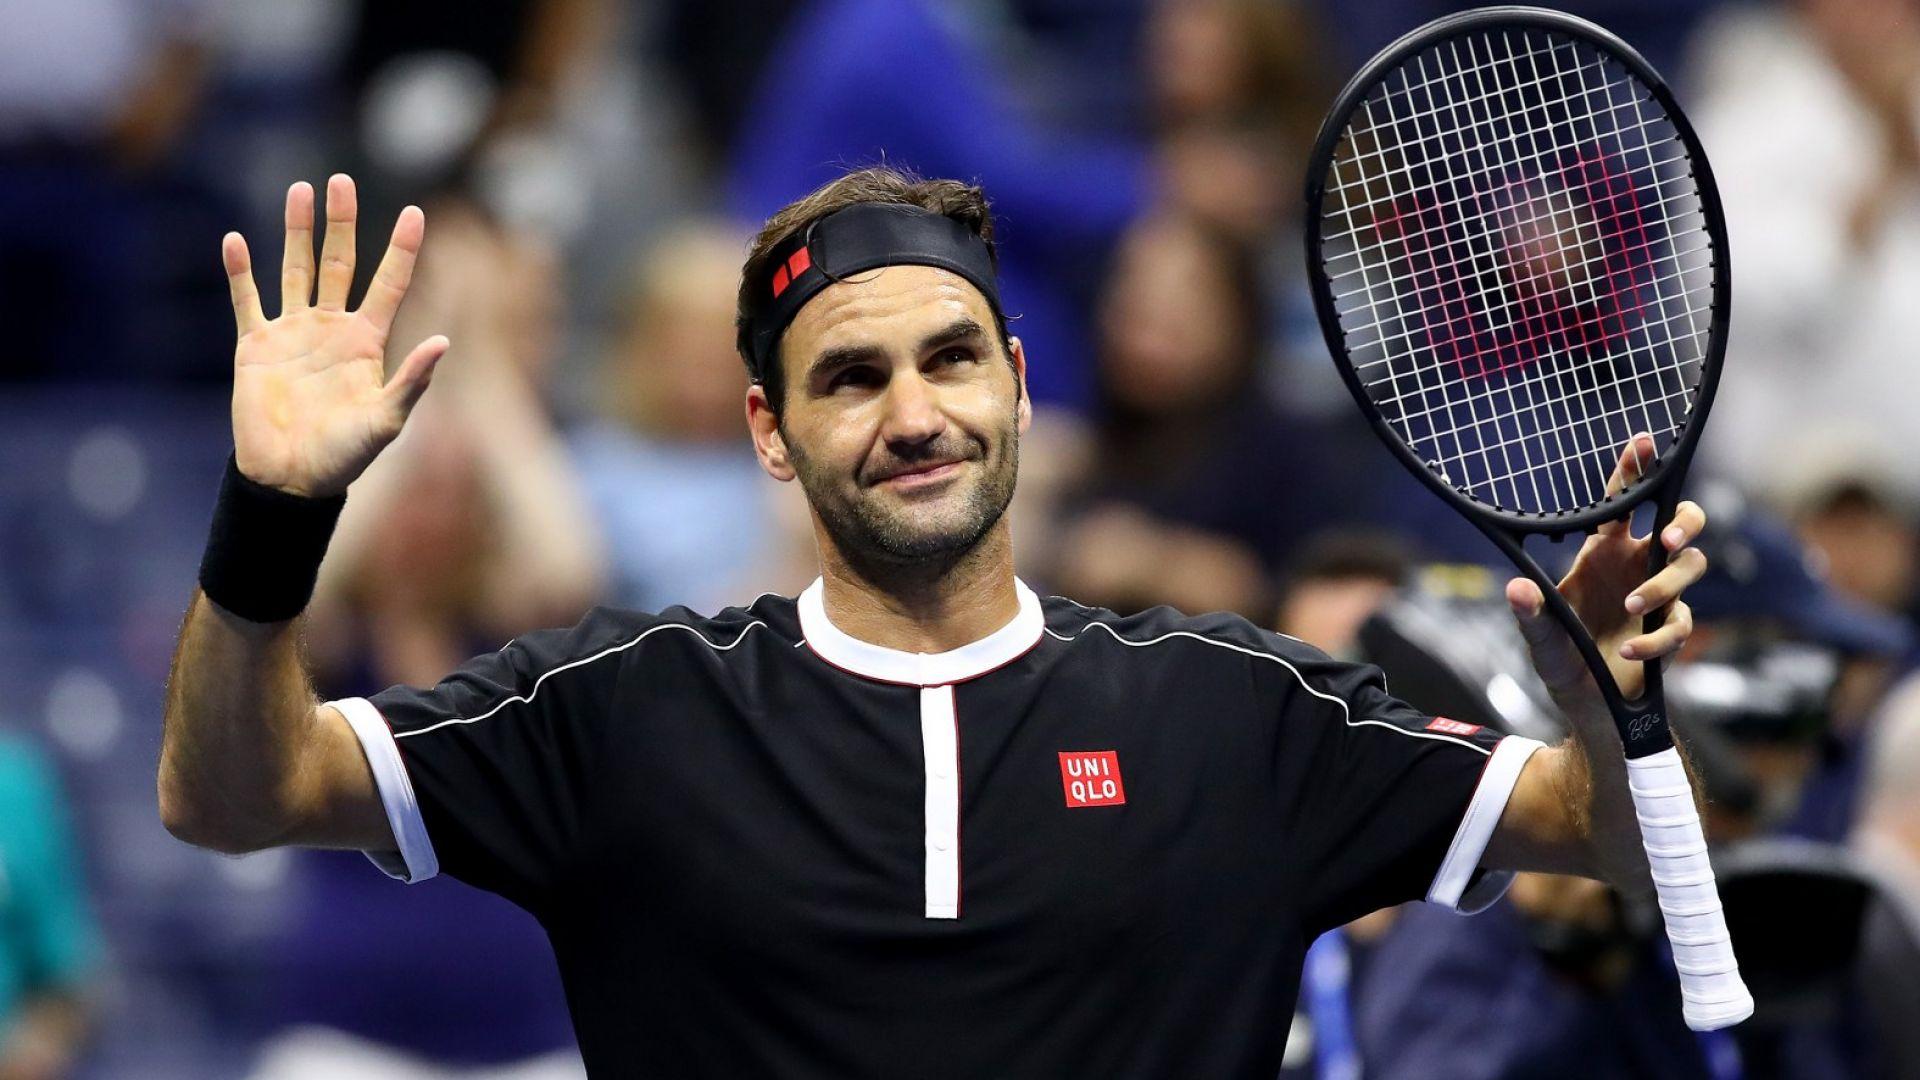 Федерер да стане №1 в историята? Няма шанс, той трудно ще влезе в топ 3...